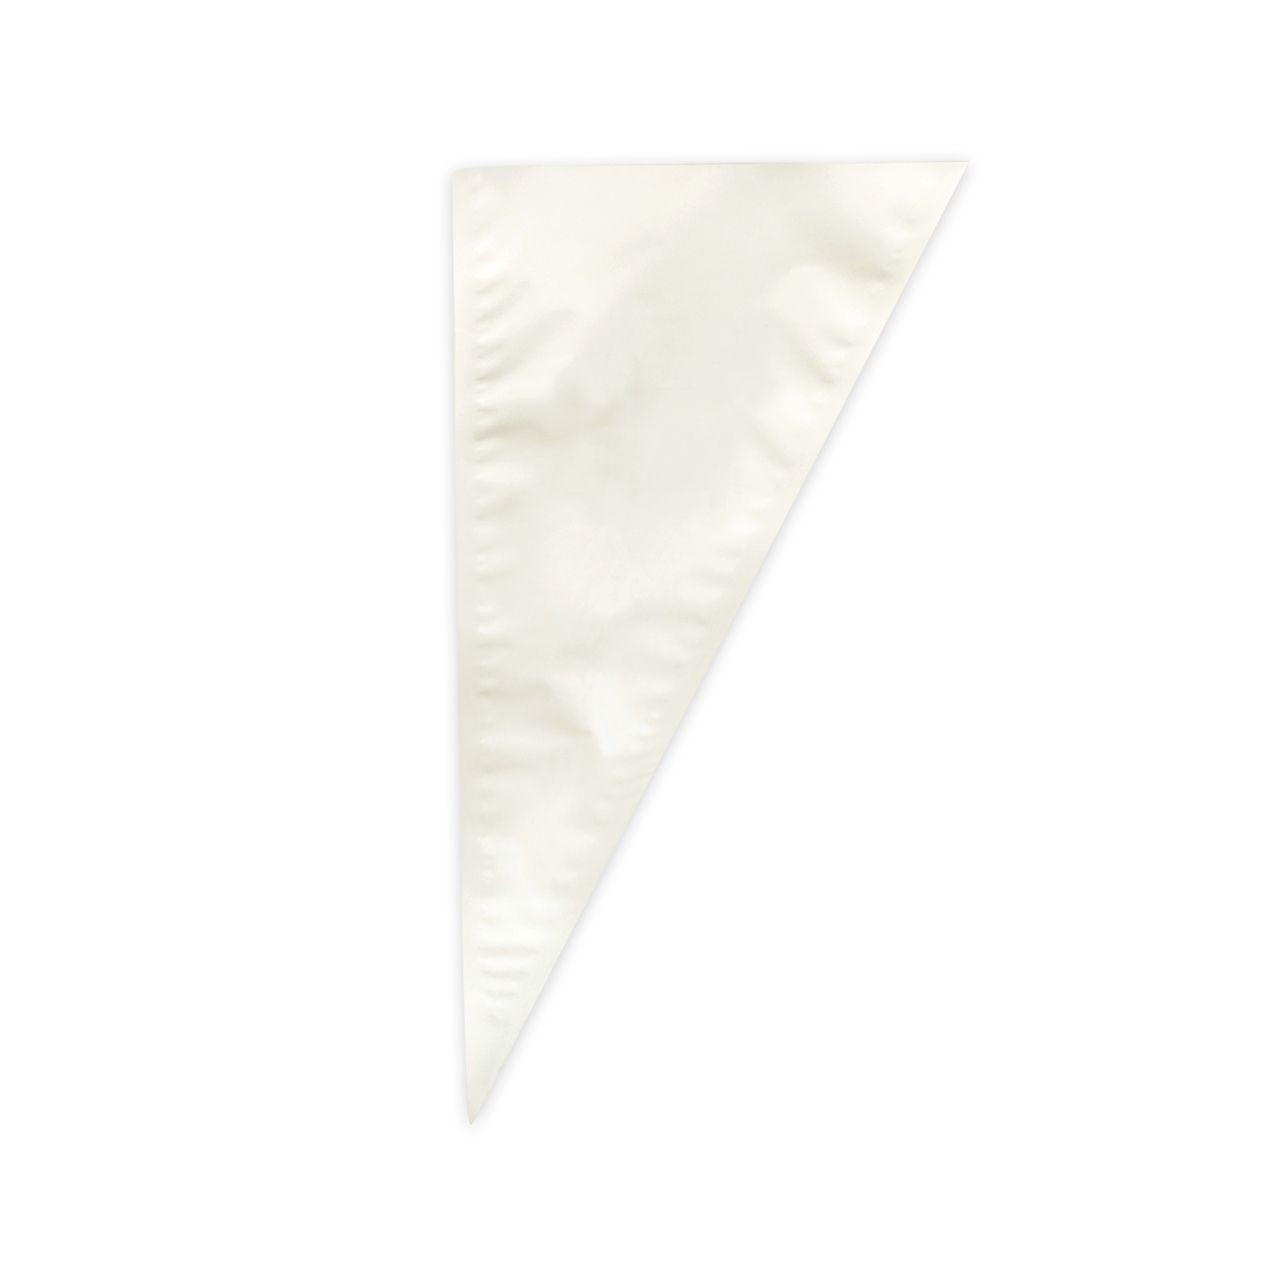 Saco para Confeitar Descartável Médio 22 x 34cm (5 uni) - Mago